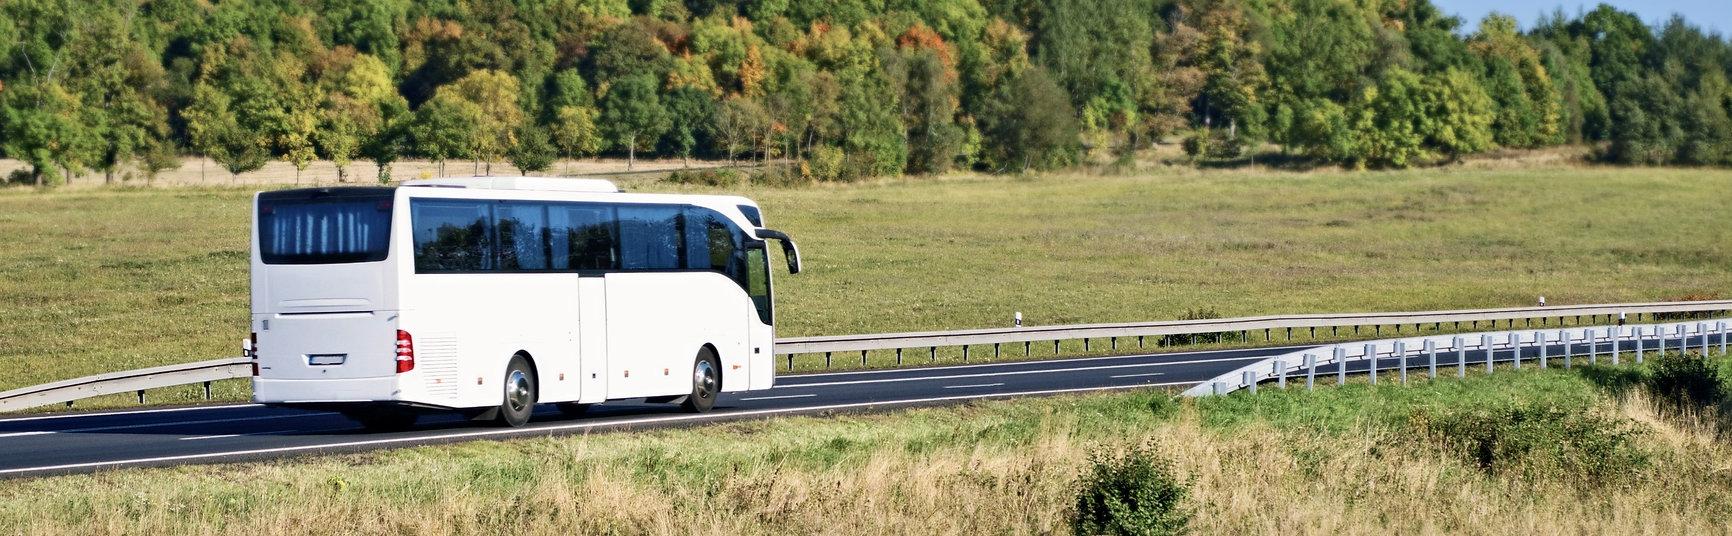 Билеты на автобус Turagentonline.com-туристический портал.